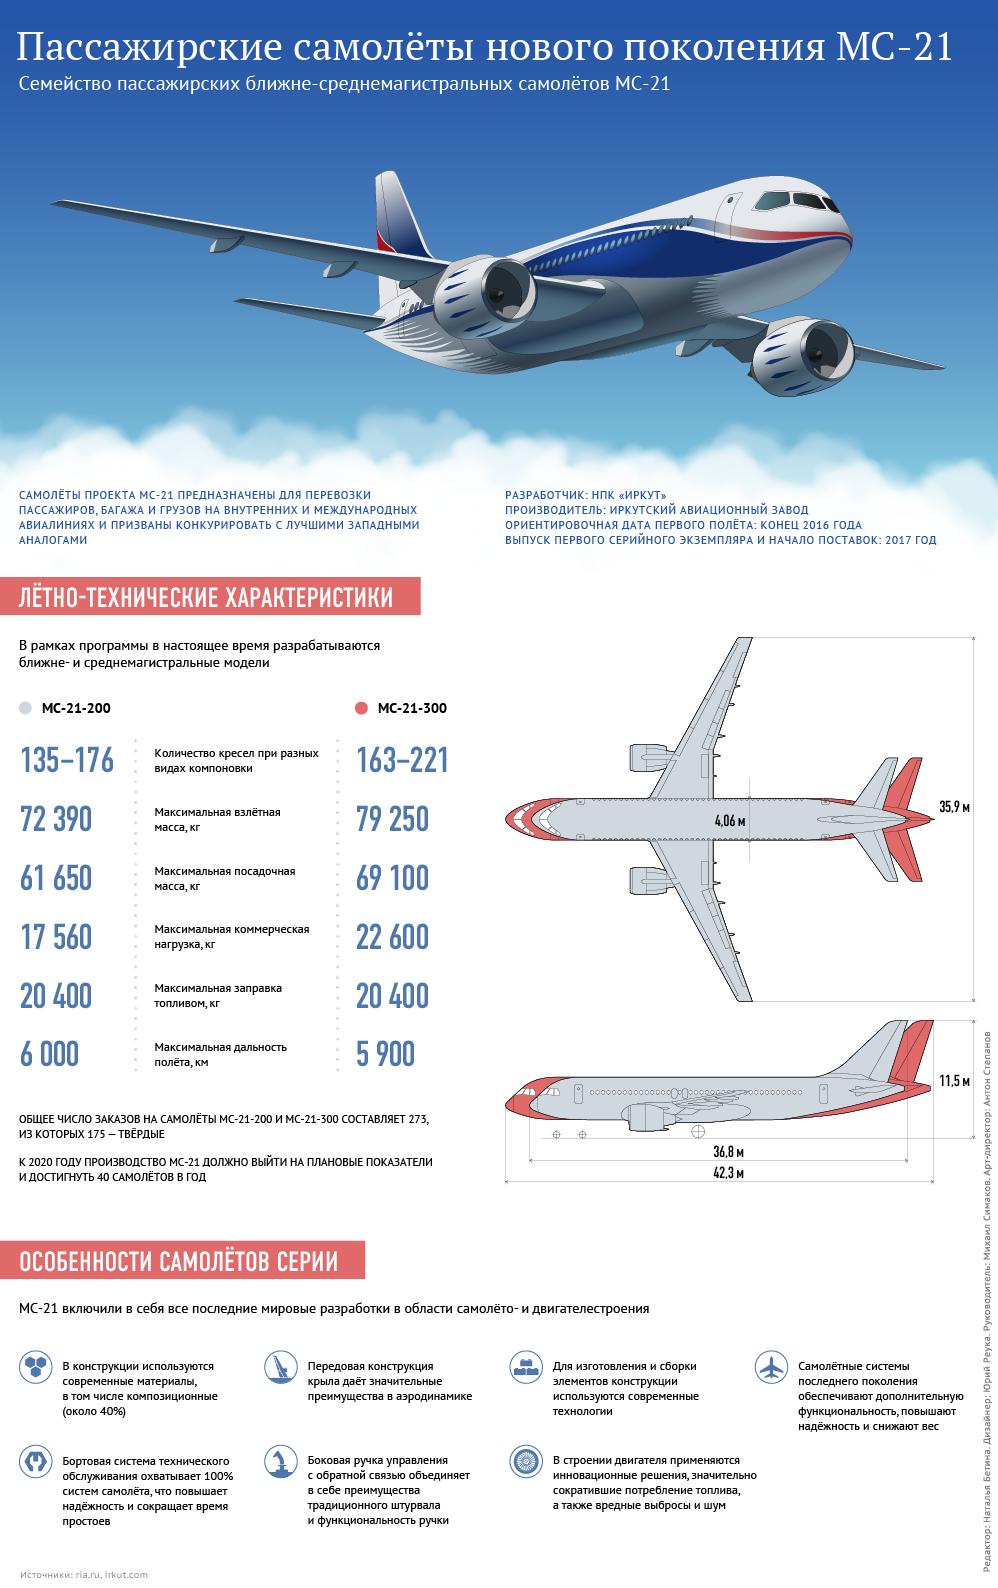 Ситуация с AZUR air не вызвала паники на туристическом рынке